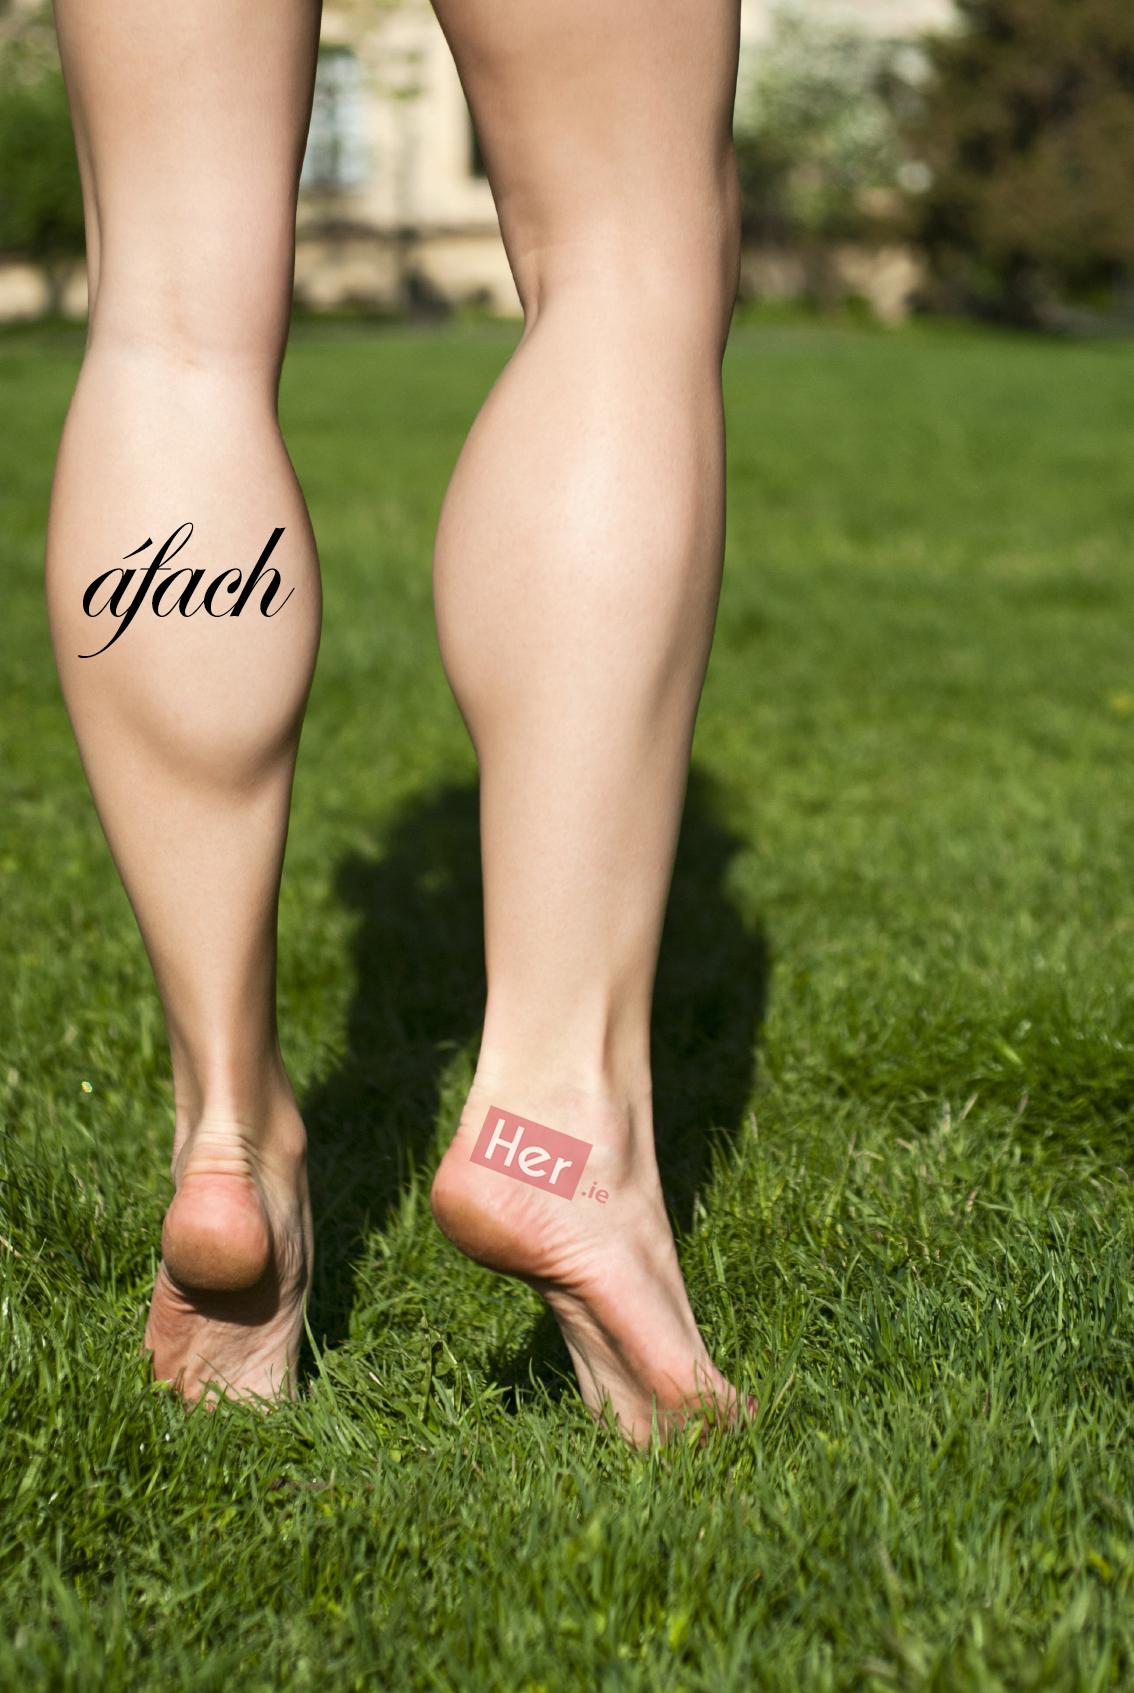 любви настолько девушка напрягла ноги фото живы, все